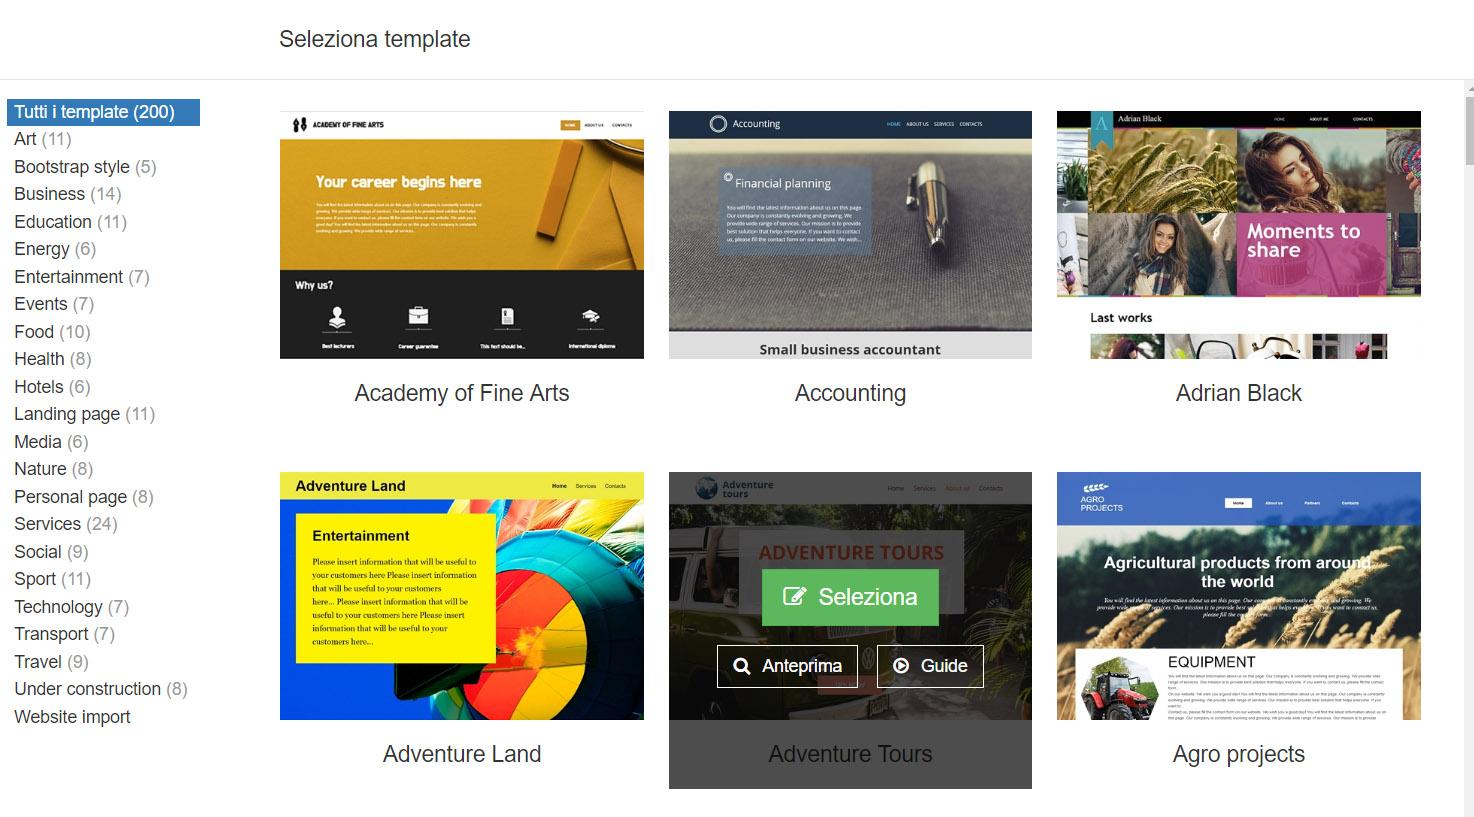 La pagina di selezione dei template